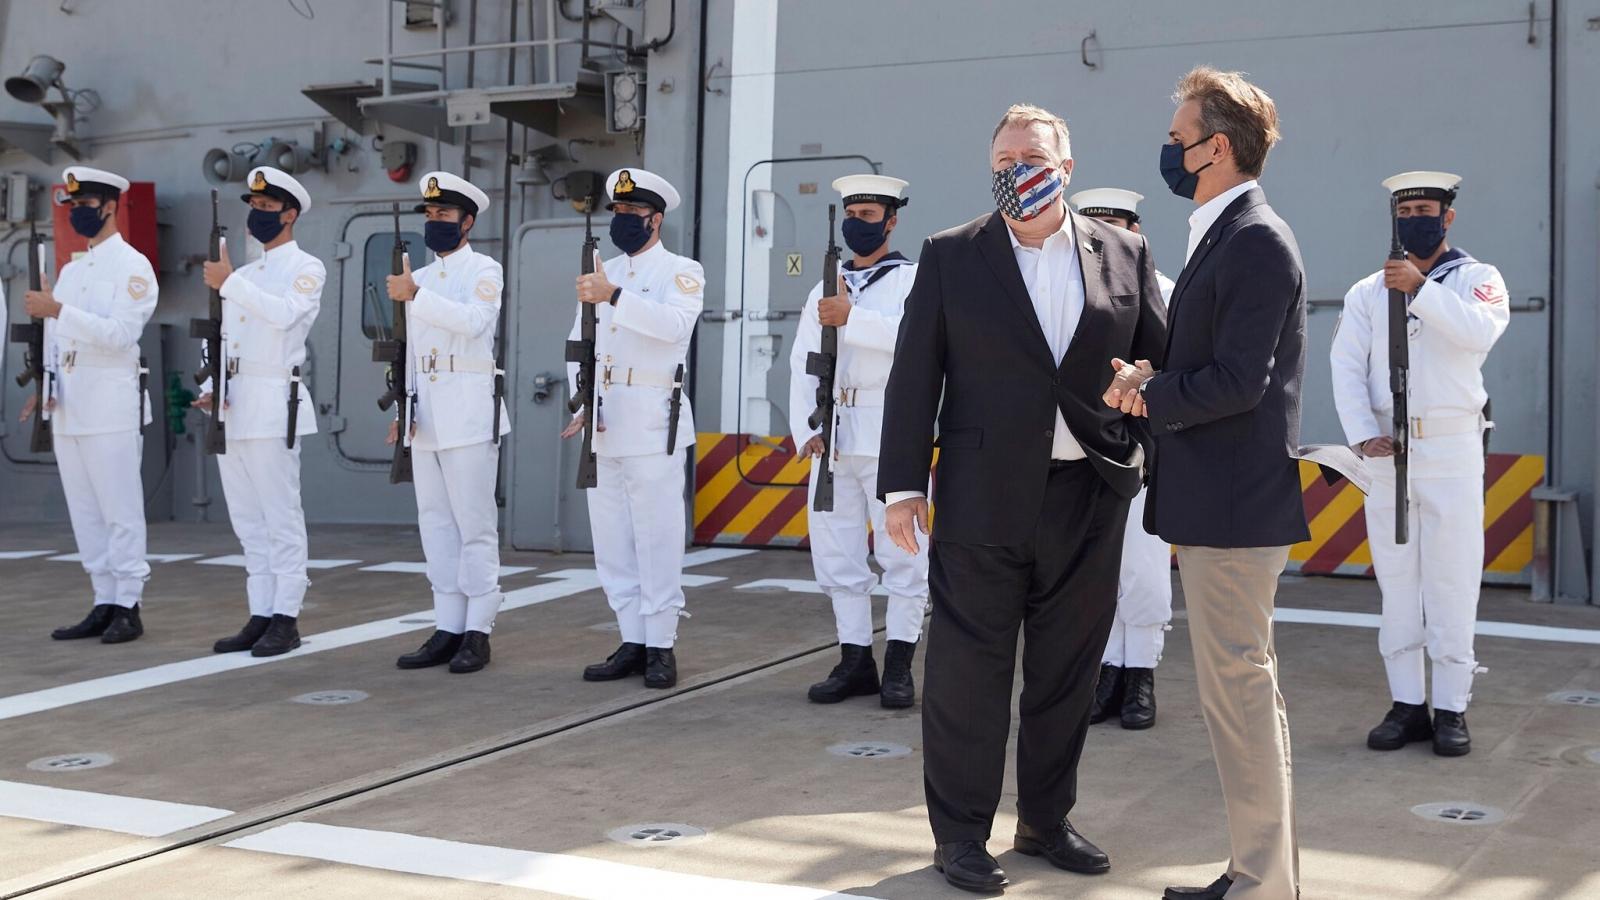 Mỹ ủng hộ Hy Lạp triển khai các cuộc đàm phán với Thổ Nhĩ Kỳ